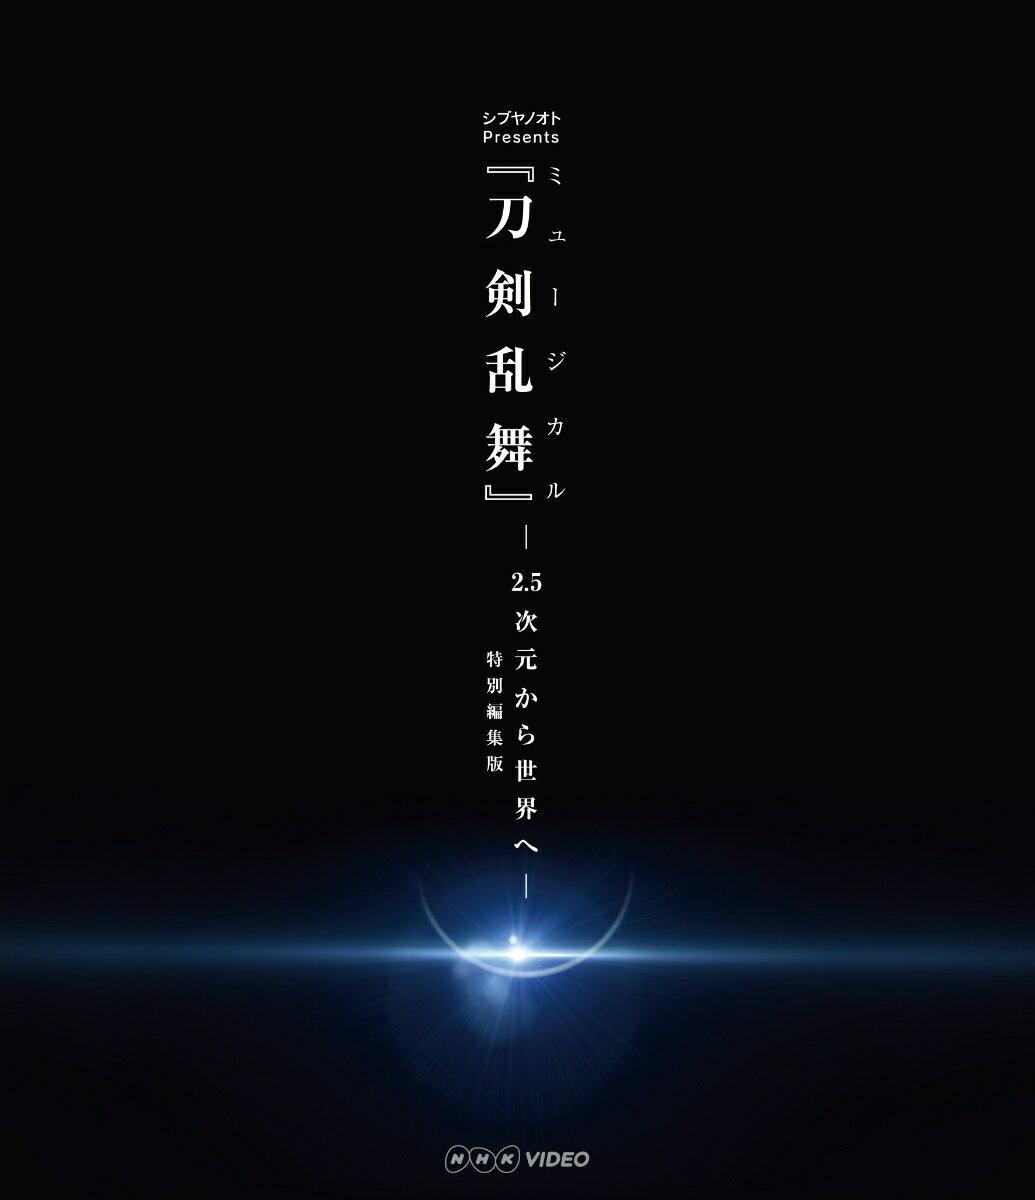 シブヤノオト Presents ミュージカル『刀剣乱舞』 -2.5次元から世界へー <特別編集版>【Blu-ray】 [ ミュージカル『刀剣乱舞』 ]